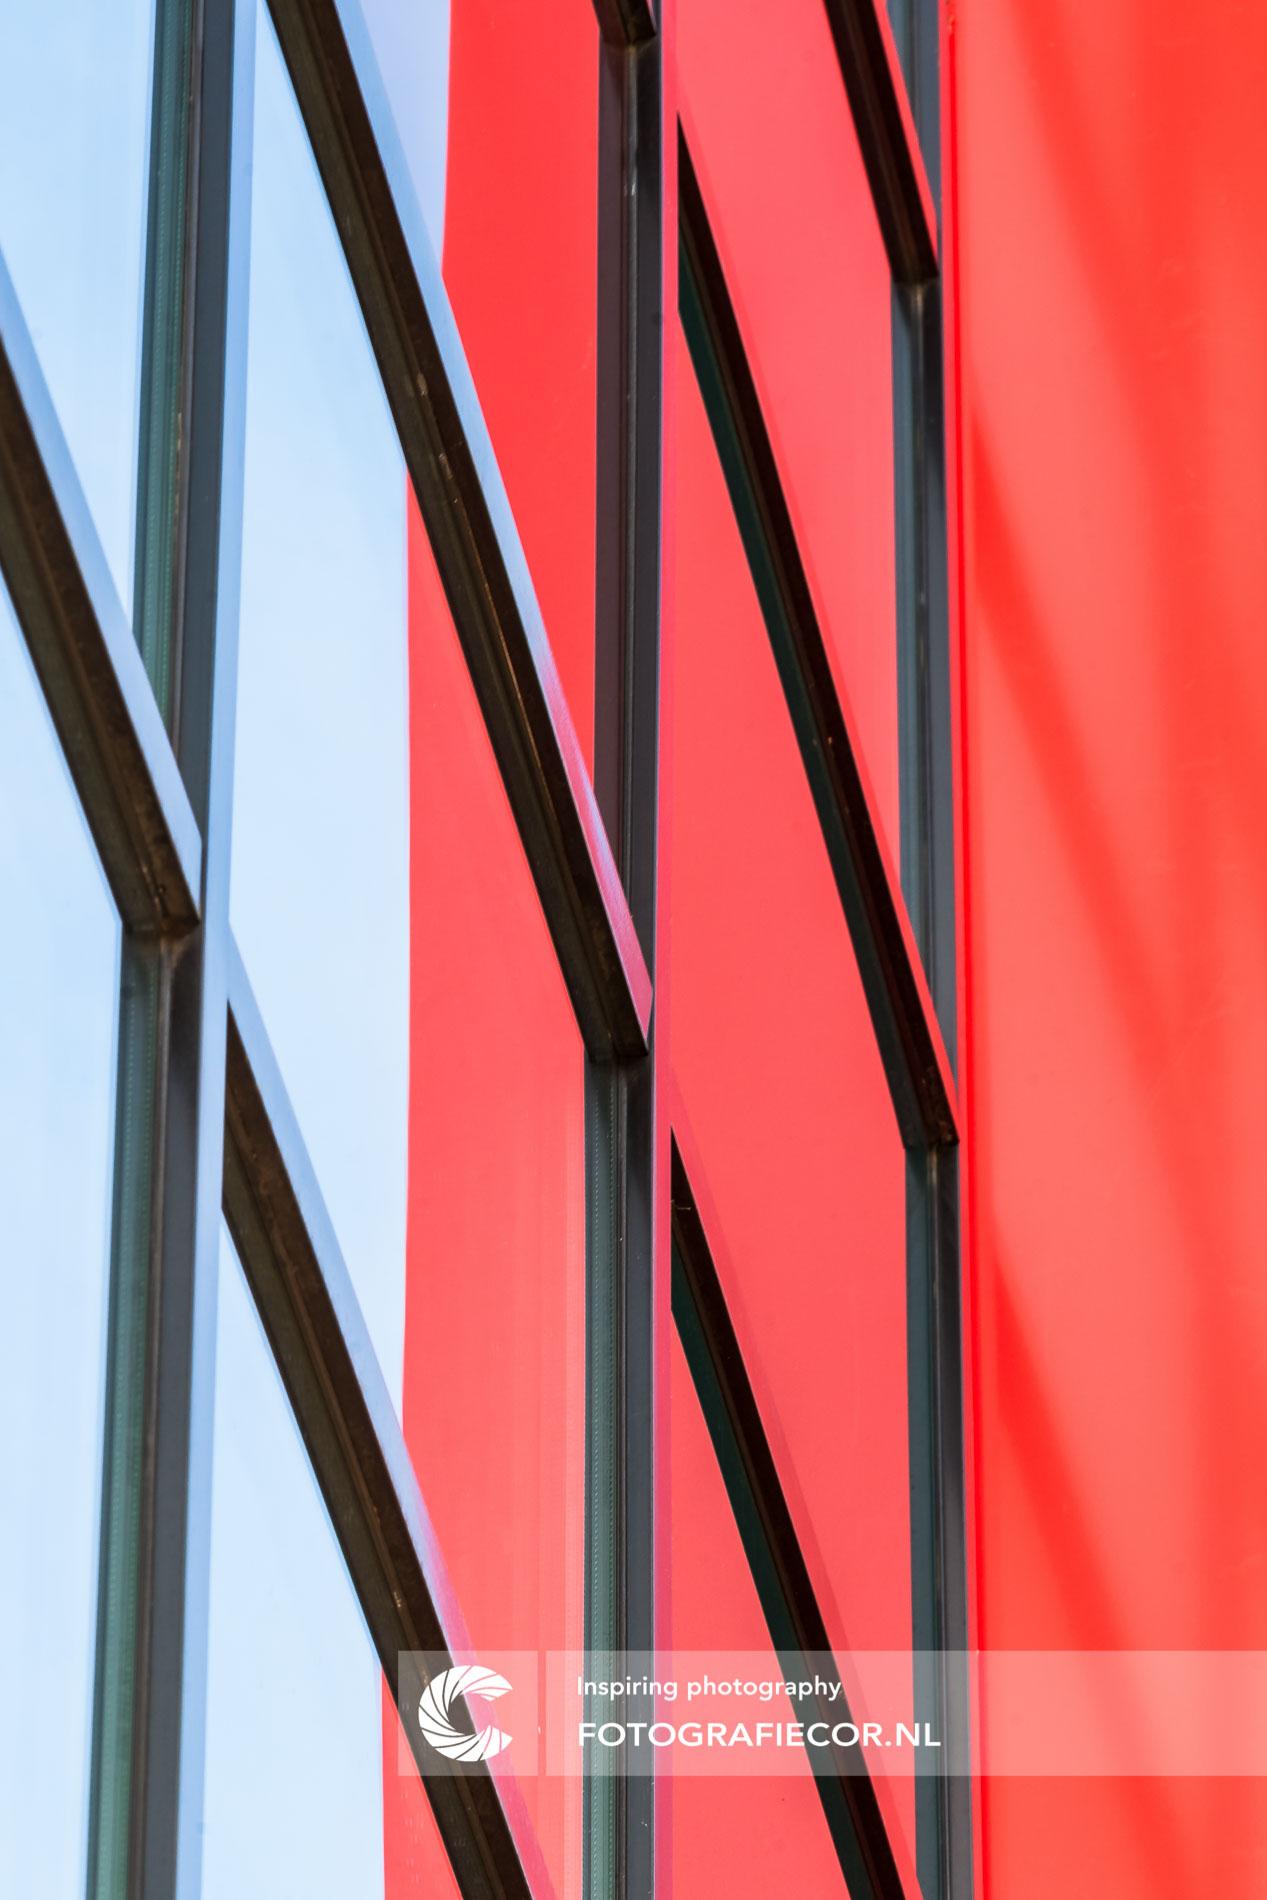 Architectonische lijnen ramen modern gebouw | architectuurfotograaf